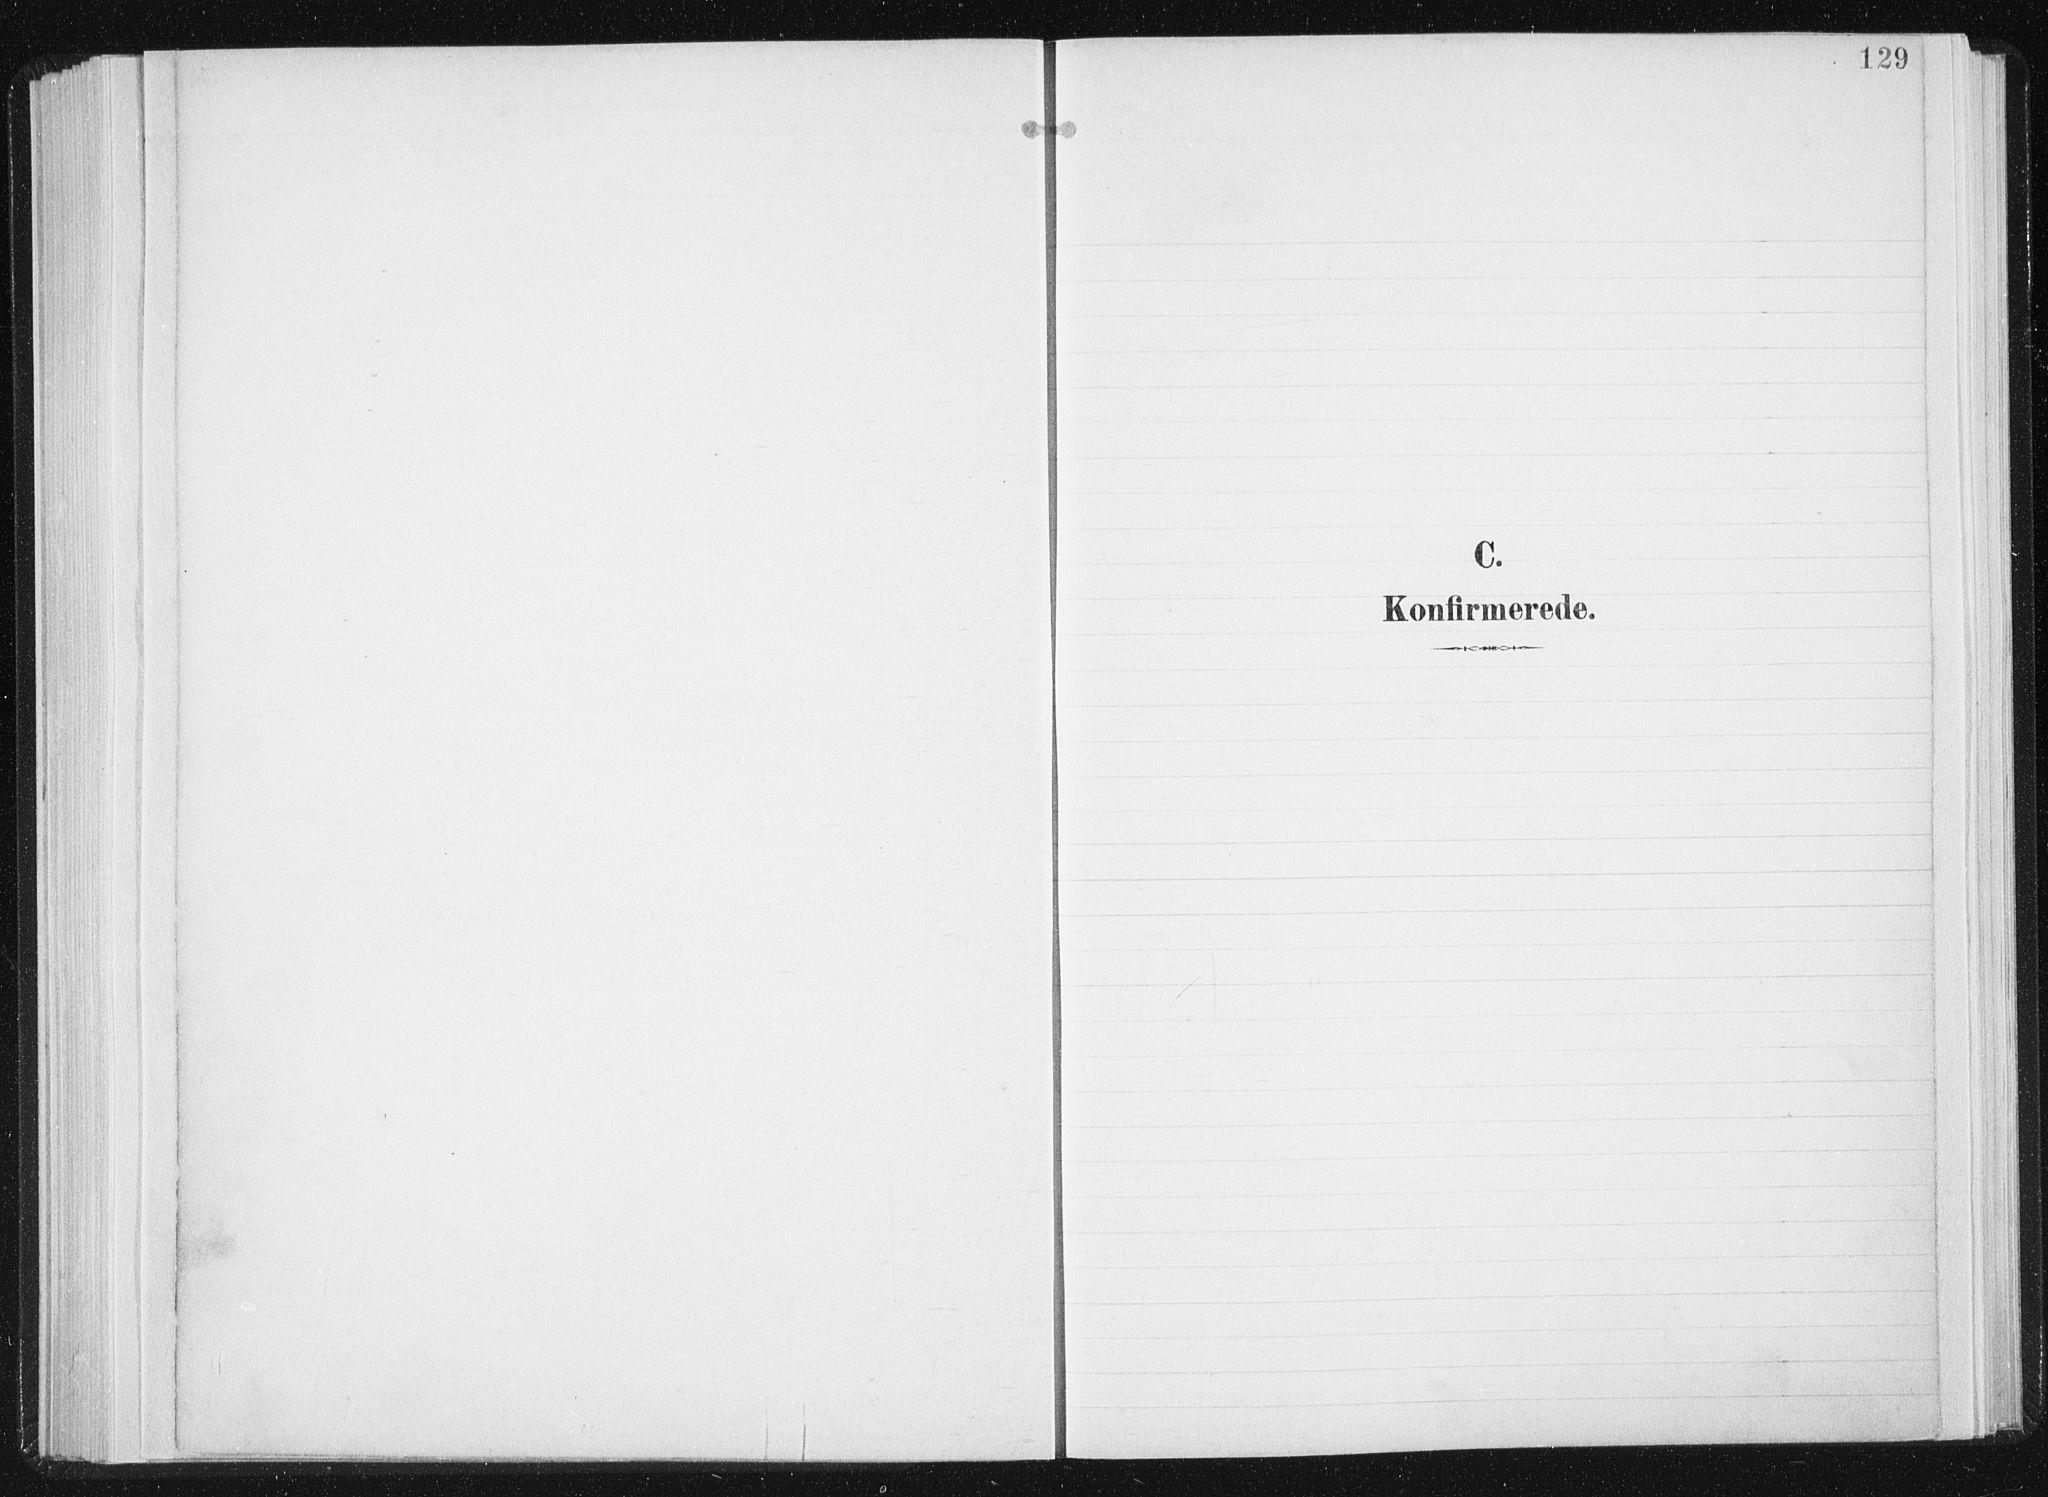 SAT, Ministerialprotokoller, klokkerbøker og fødselsregistre - Sør-Trøndelag, 647/L0635: Ministerialbok nr. 647A02, 1896-1911, s. 129